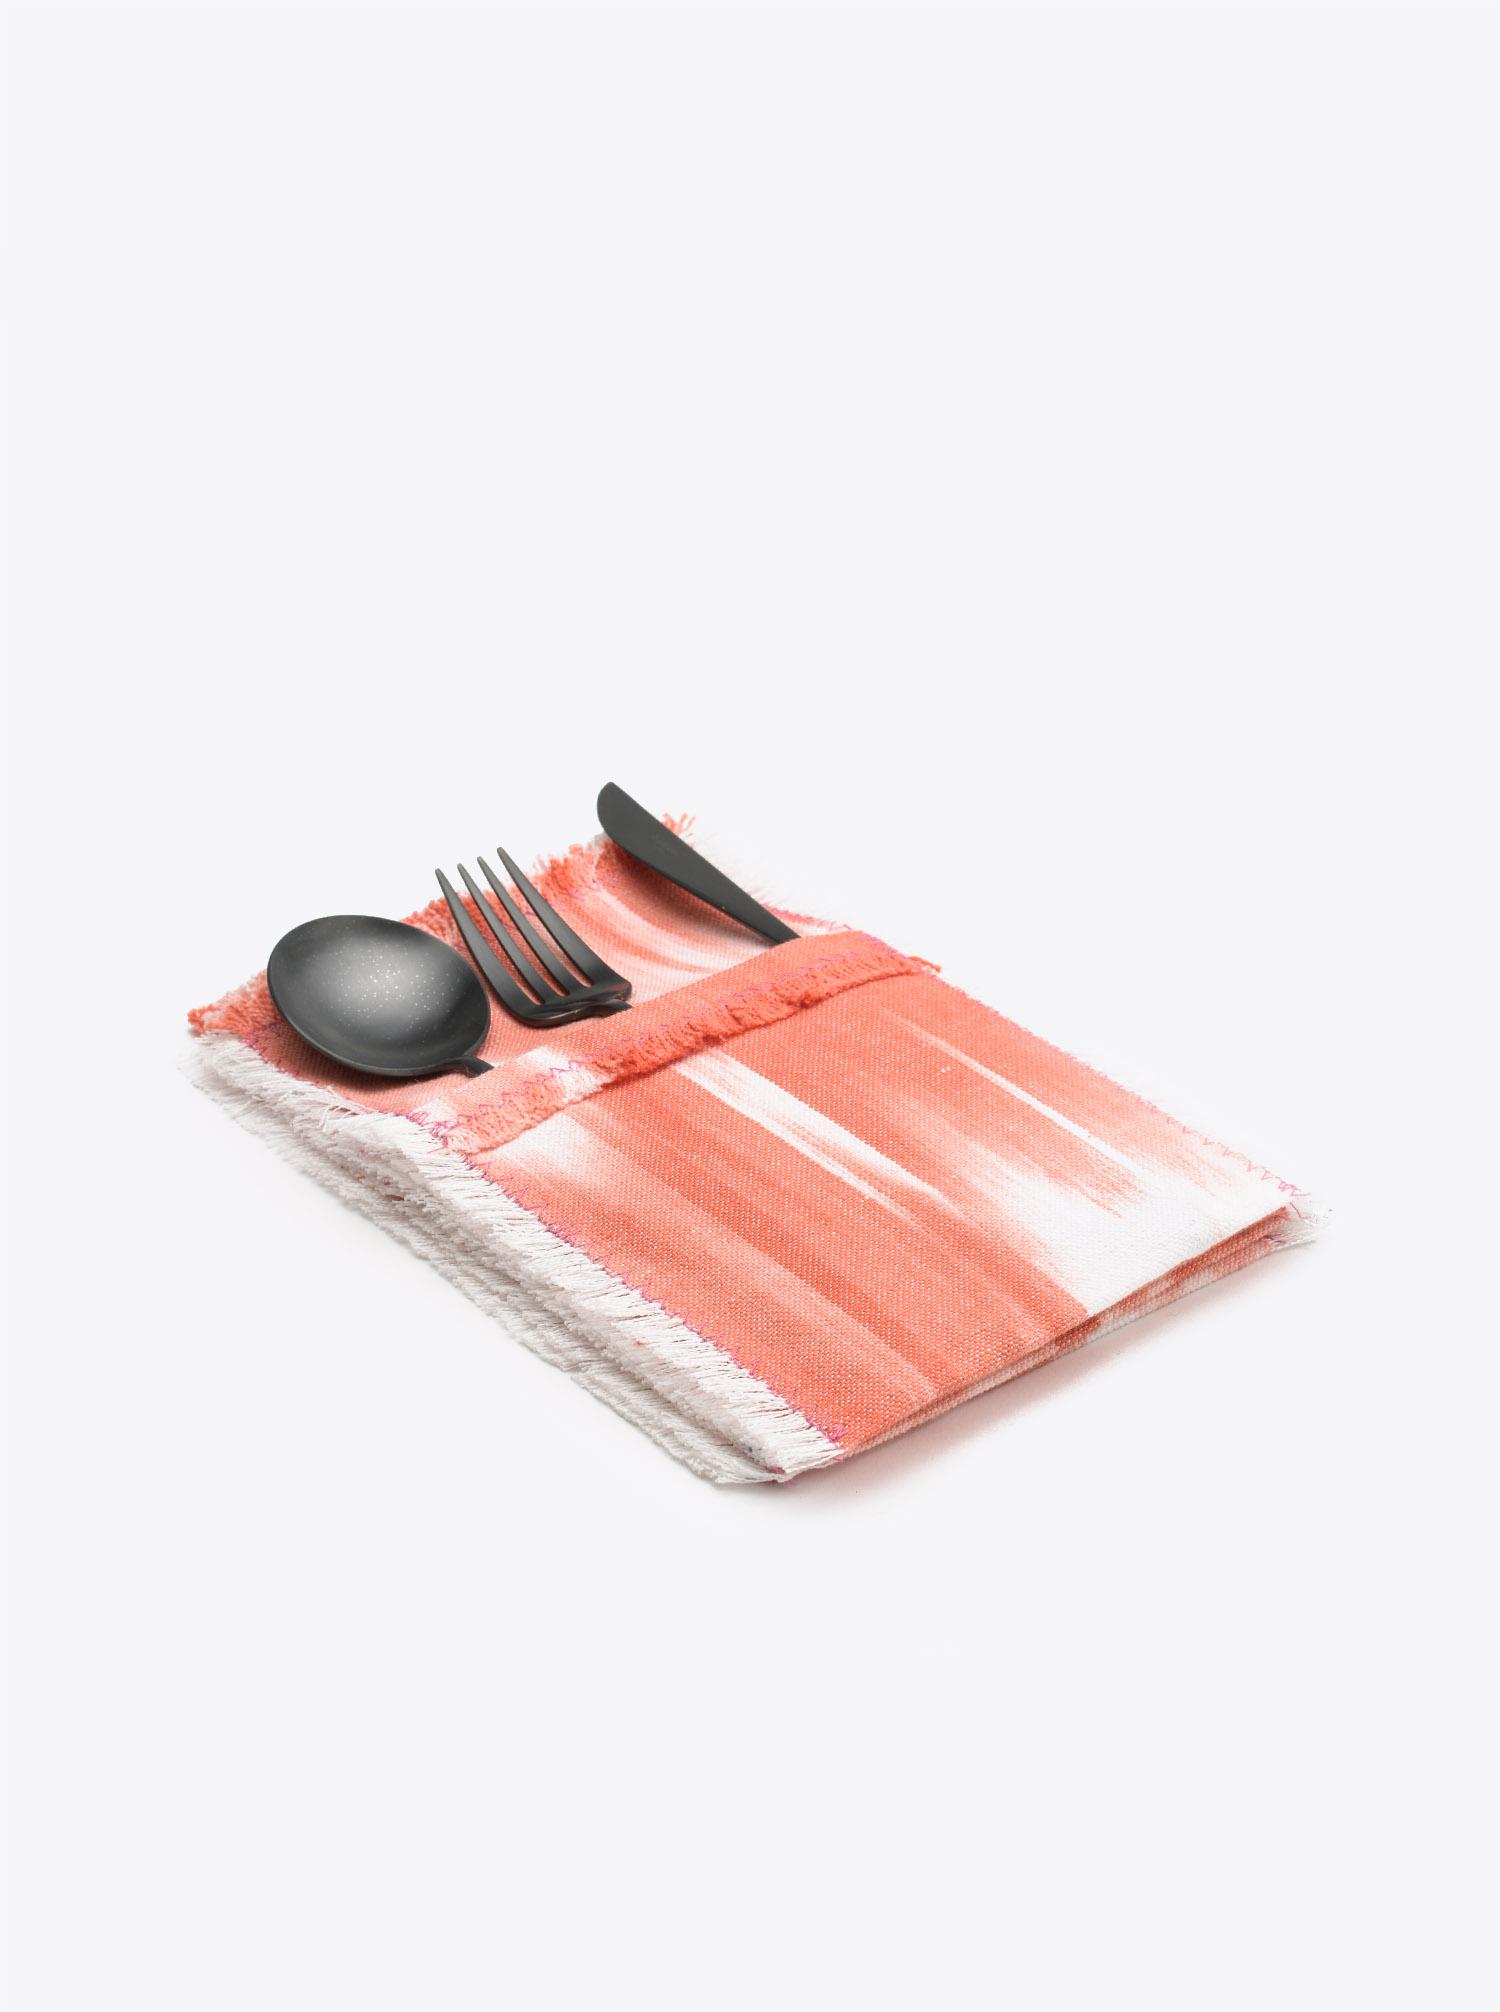 Bestecktaschen Set Cubierto 6teilig Ikat pink koralle